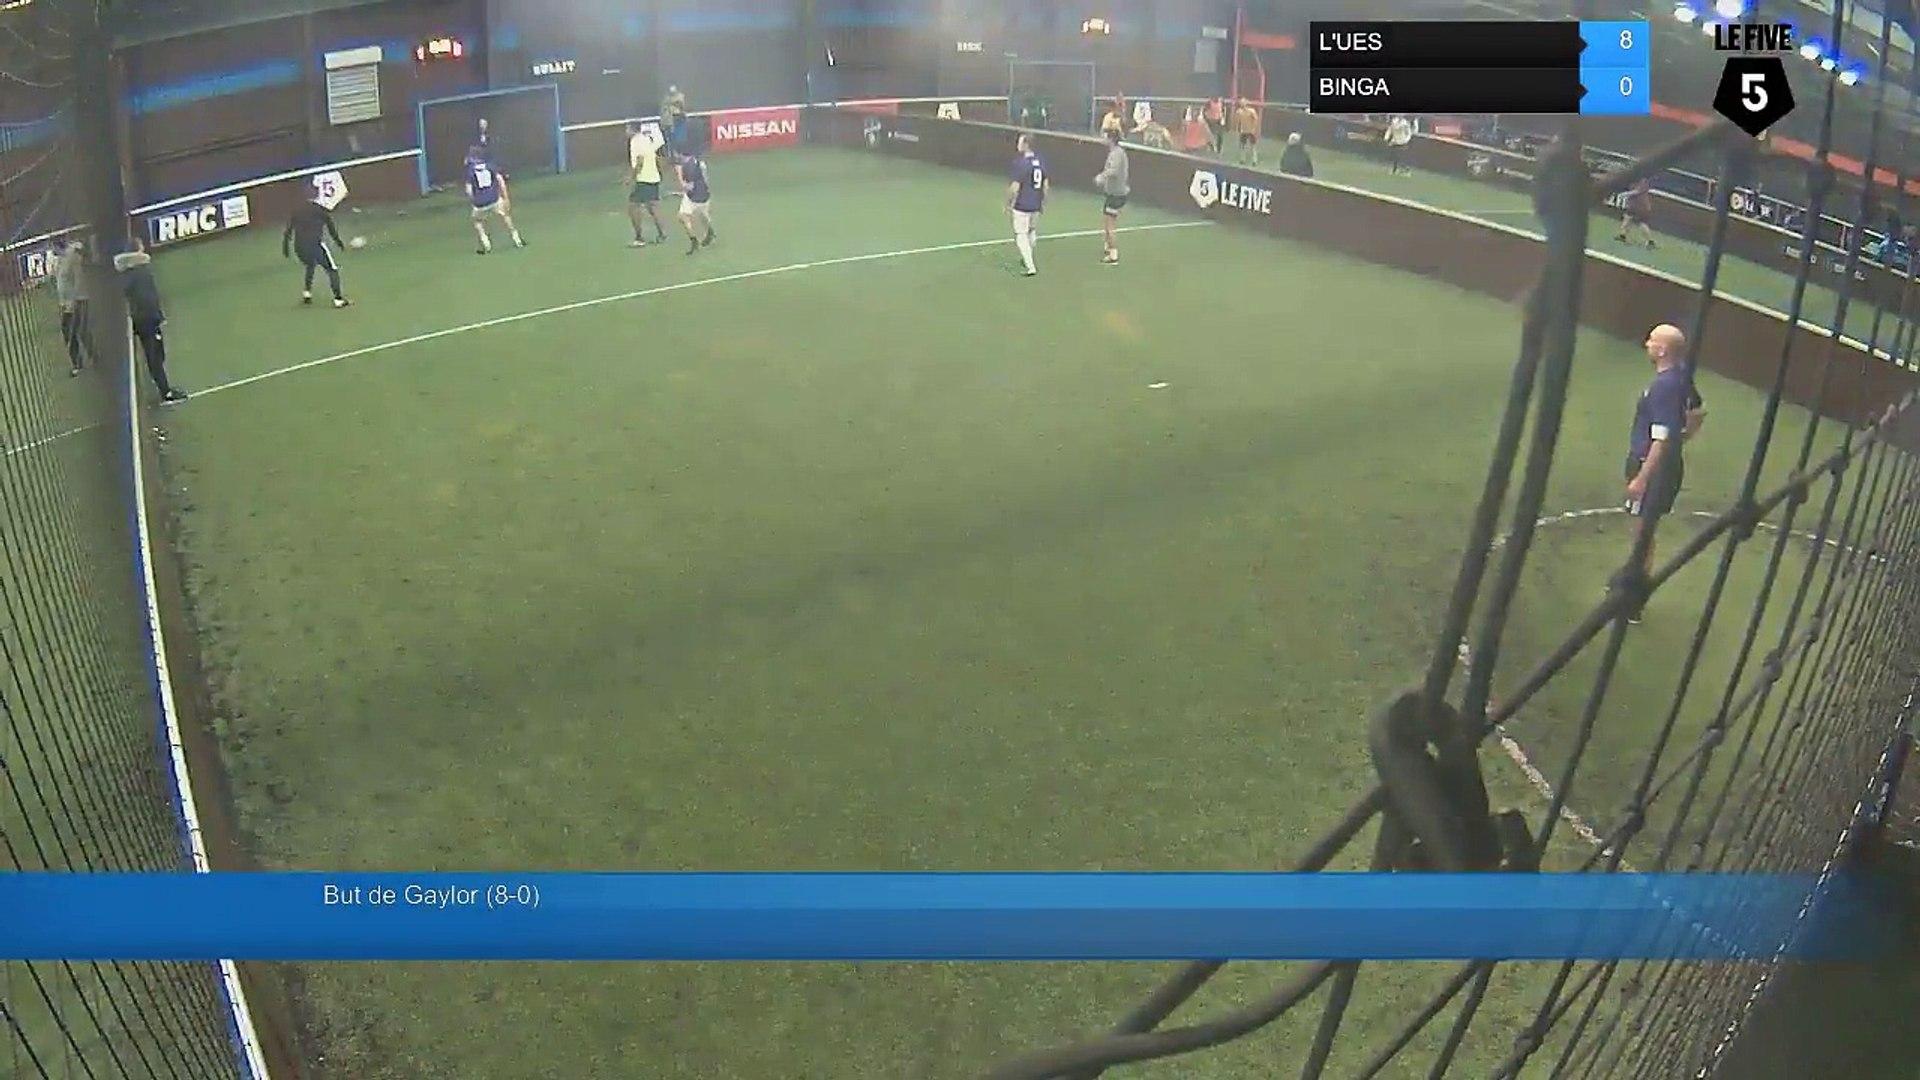 But de Gaylor (8-0) - L'UES Vs BINGA - 12/12/17 19:00 - Paris (La Chapelle) (LeFive) Soccer Par